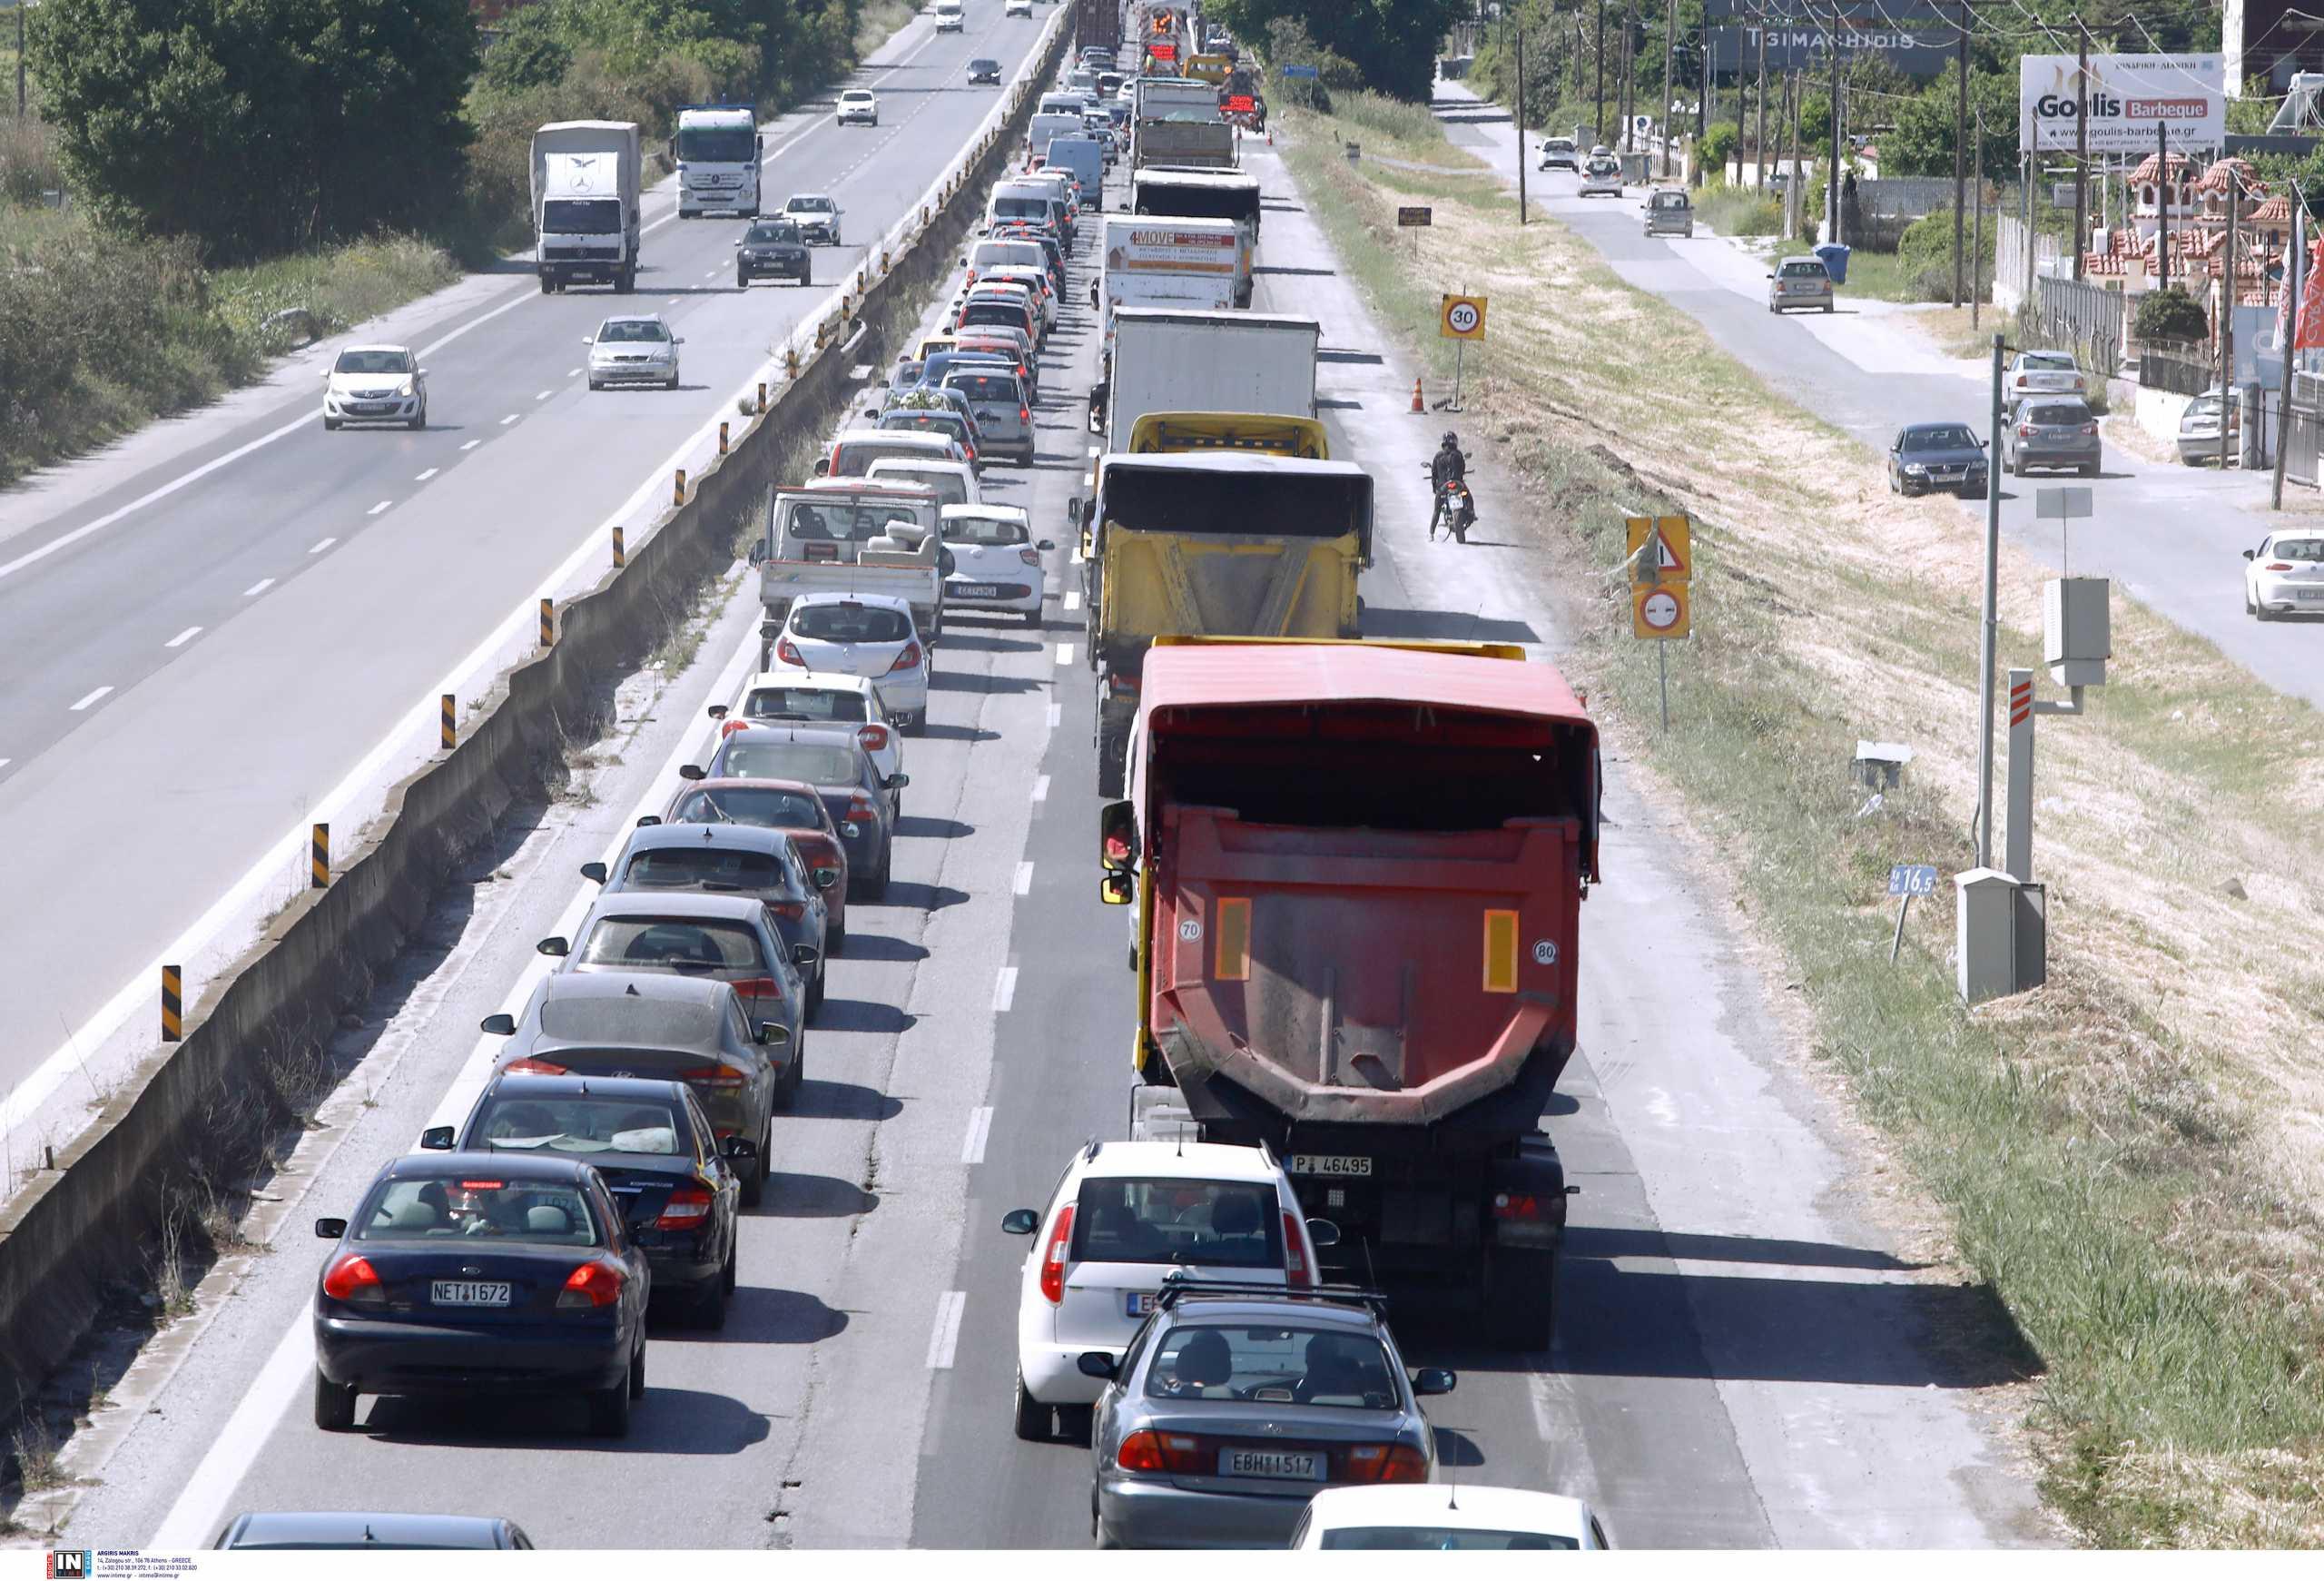 Πάνω από 38.000 αυτοκίνητα πέρασαν σήμερα από τα διόδια Ελευσίνας και Αφιδνών